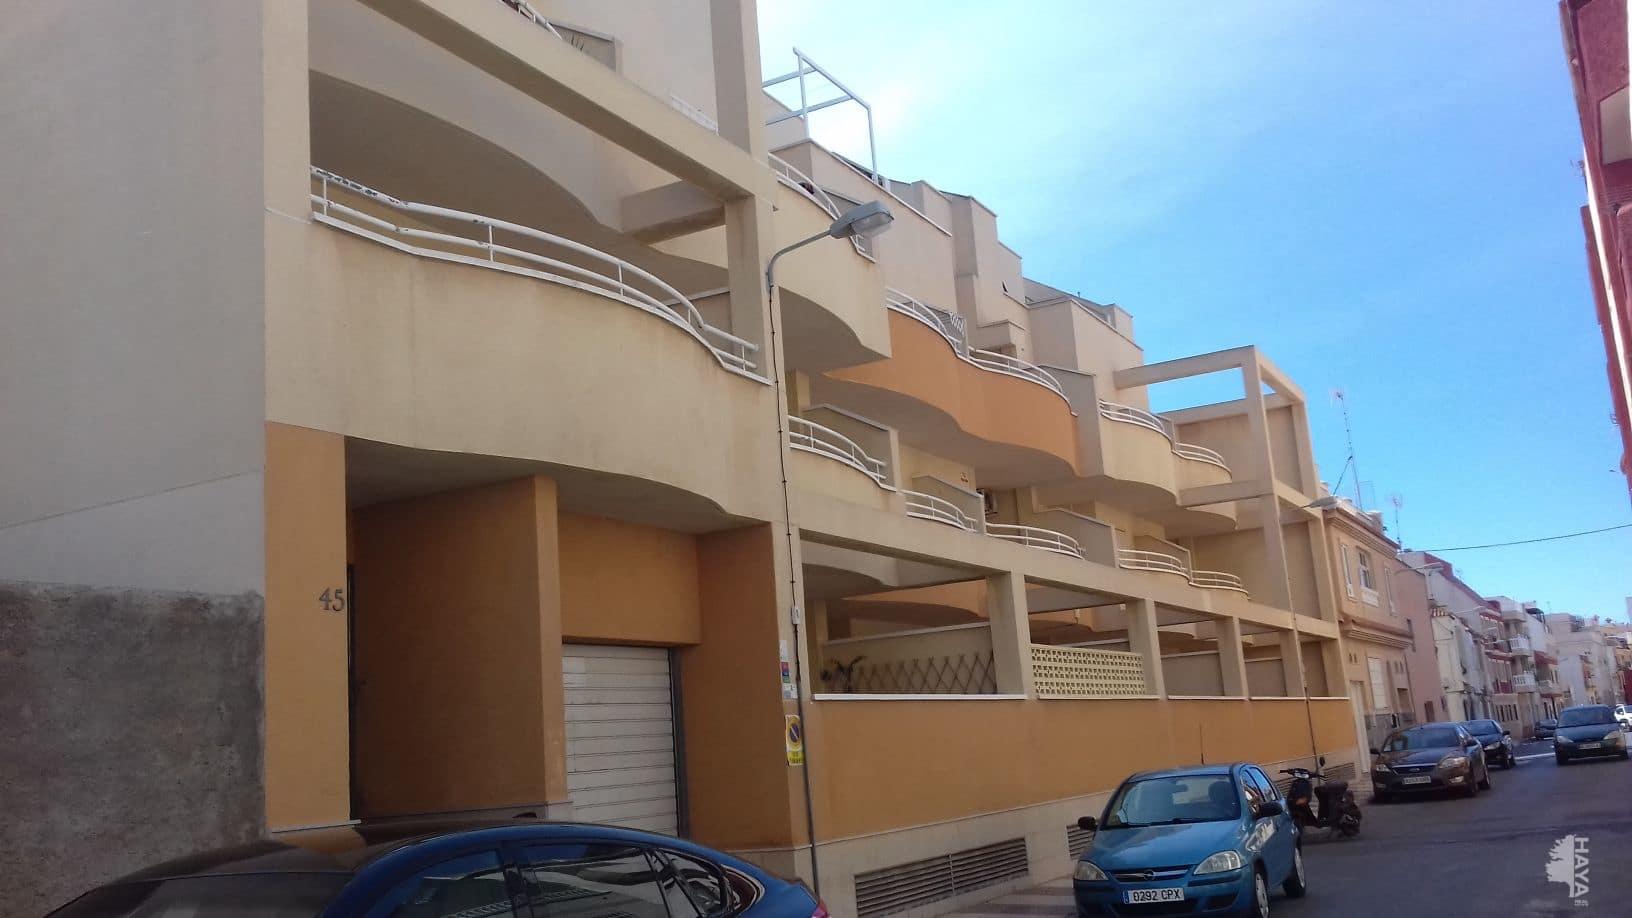 Piso en venta en Roquetas de Mar, Almería, Calle San Jose Obrero, 120.000 €, 3 habitaciones, 2 baños, 134 m2